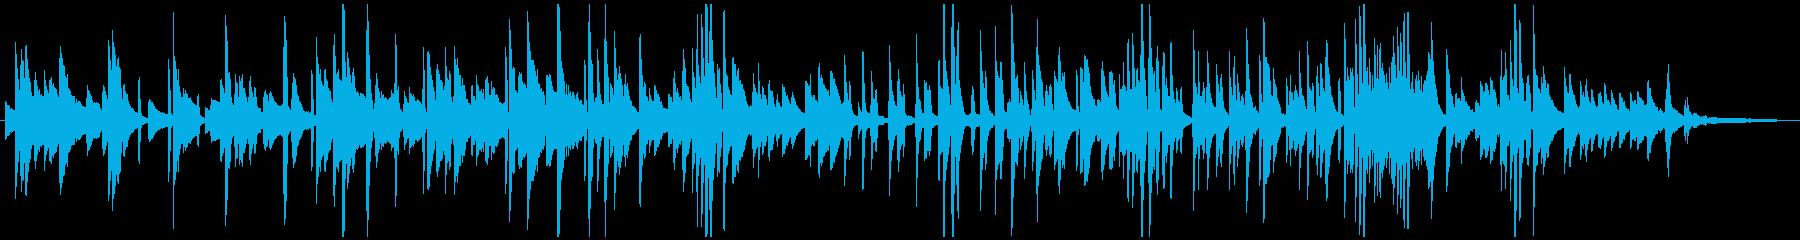 ラウンジピアノスタイルのジャズの再生済みの波形